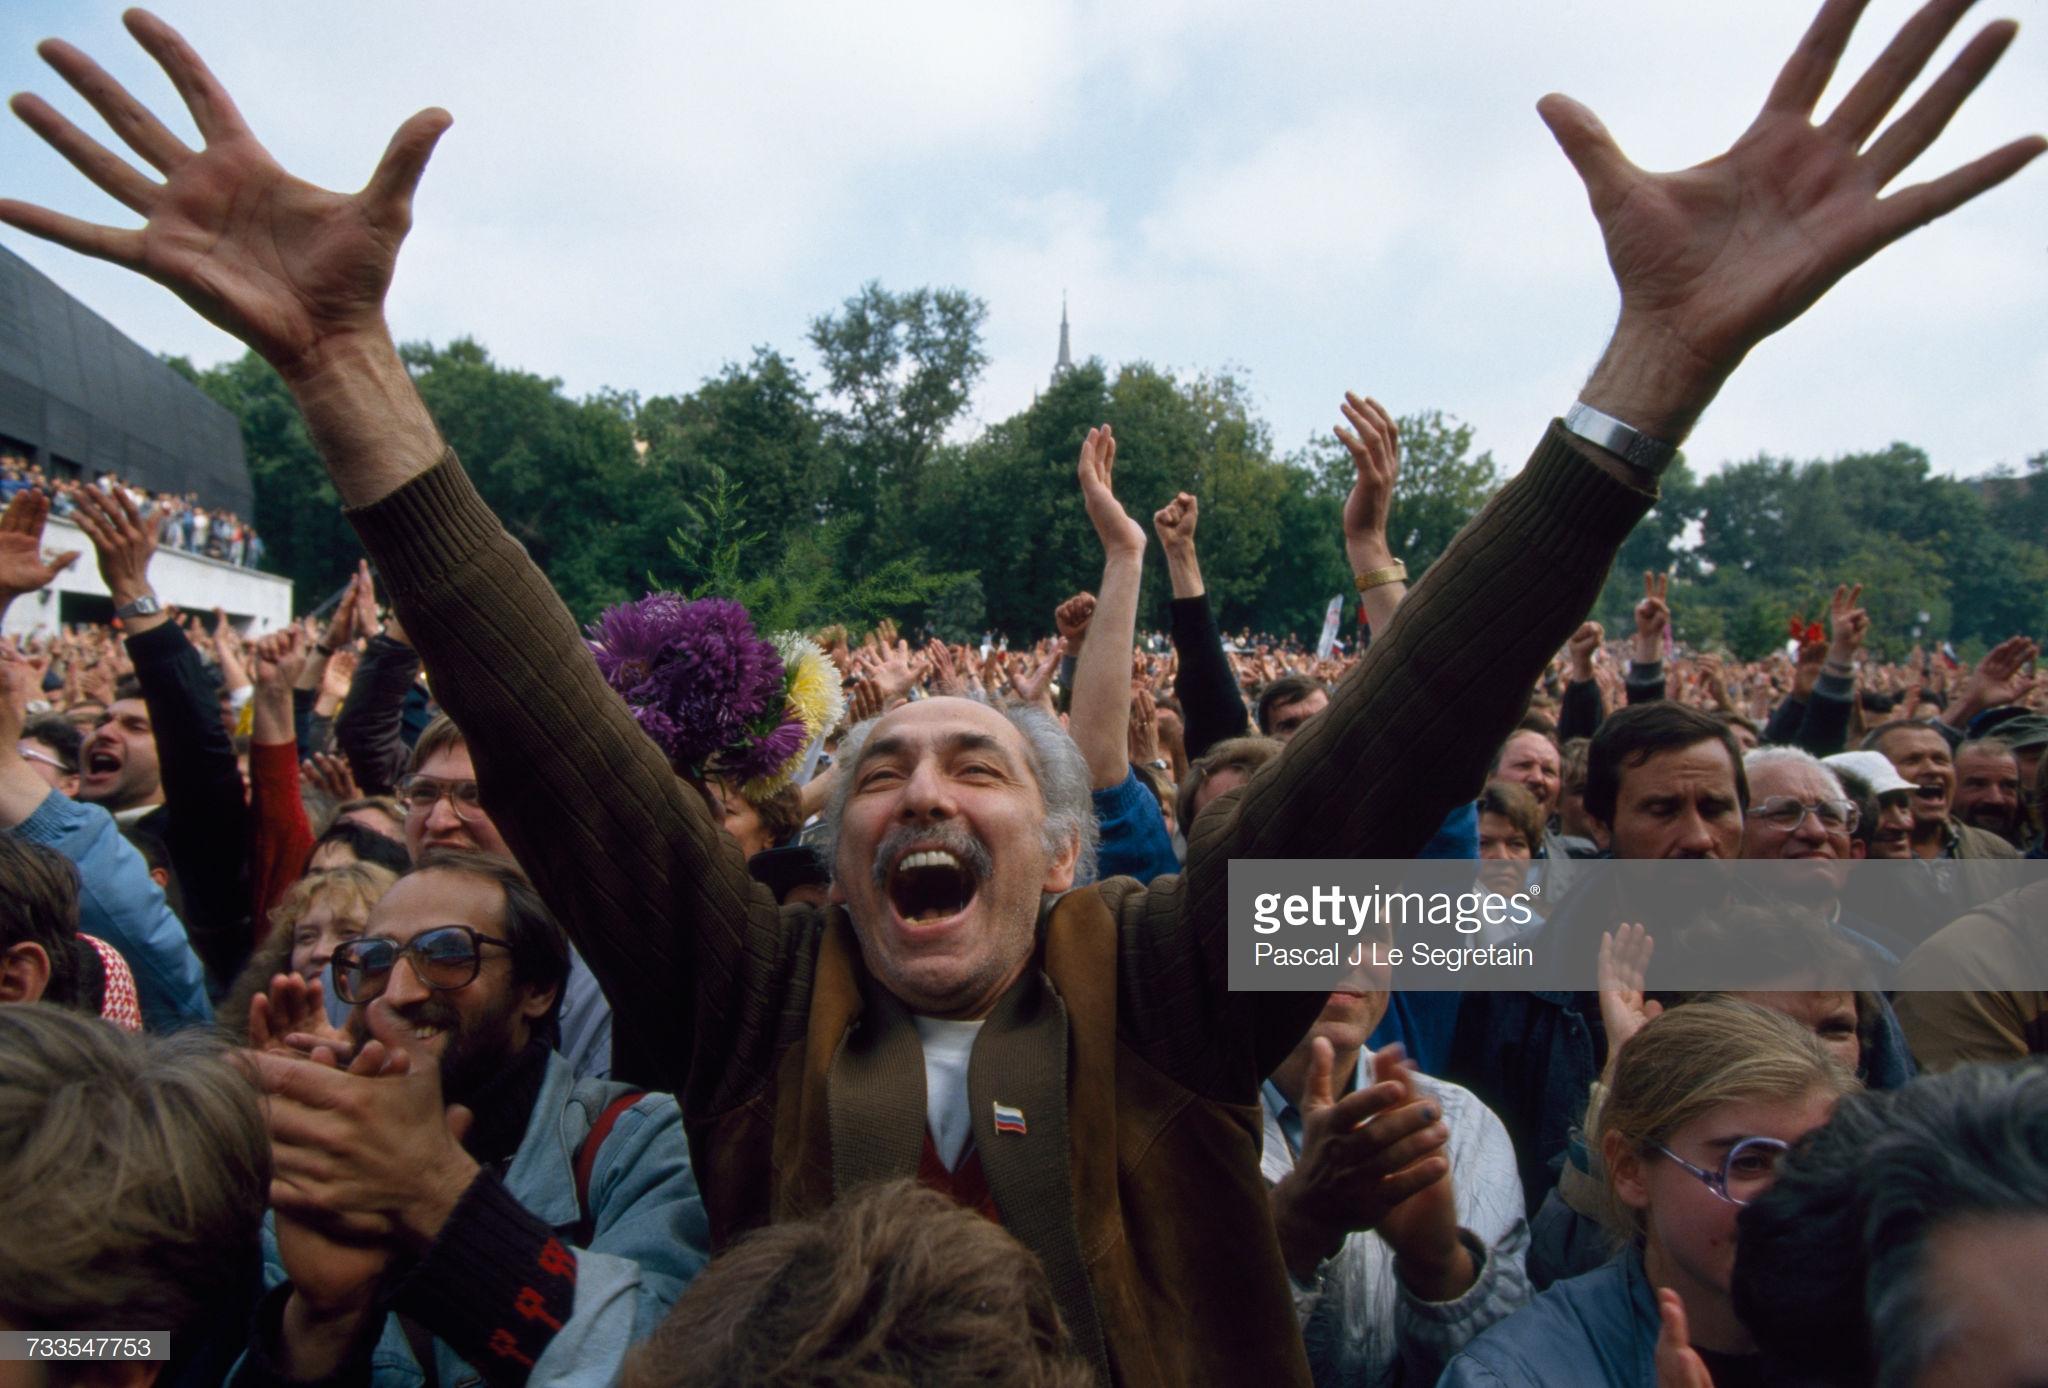 Группа демонстрантов, собравшаяся перед зданием парламента, приветствует обращение  Бориса Ельцина, демократически избранного в июле 1991